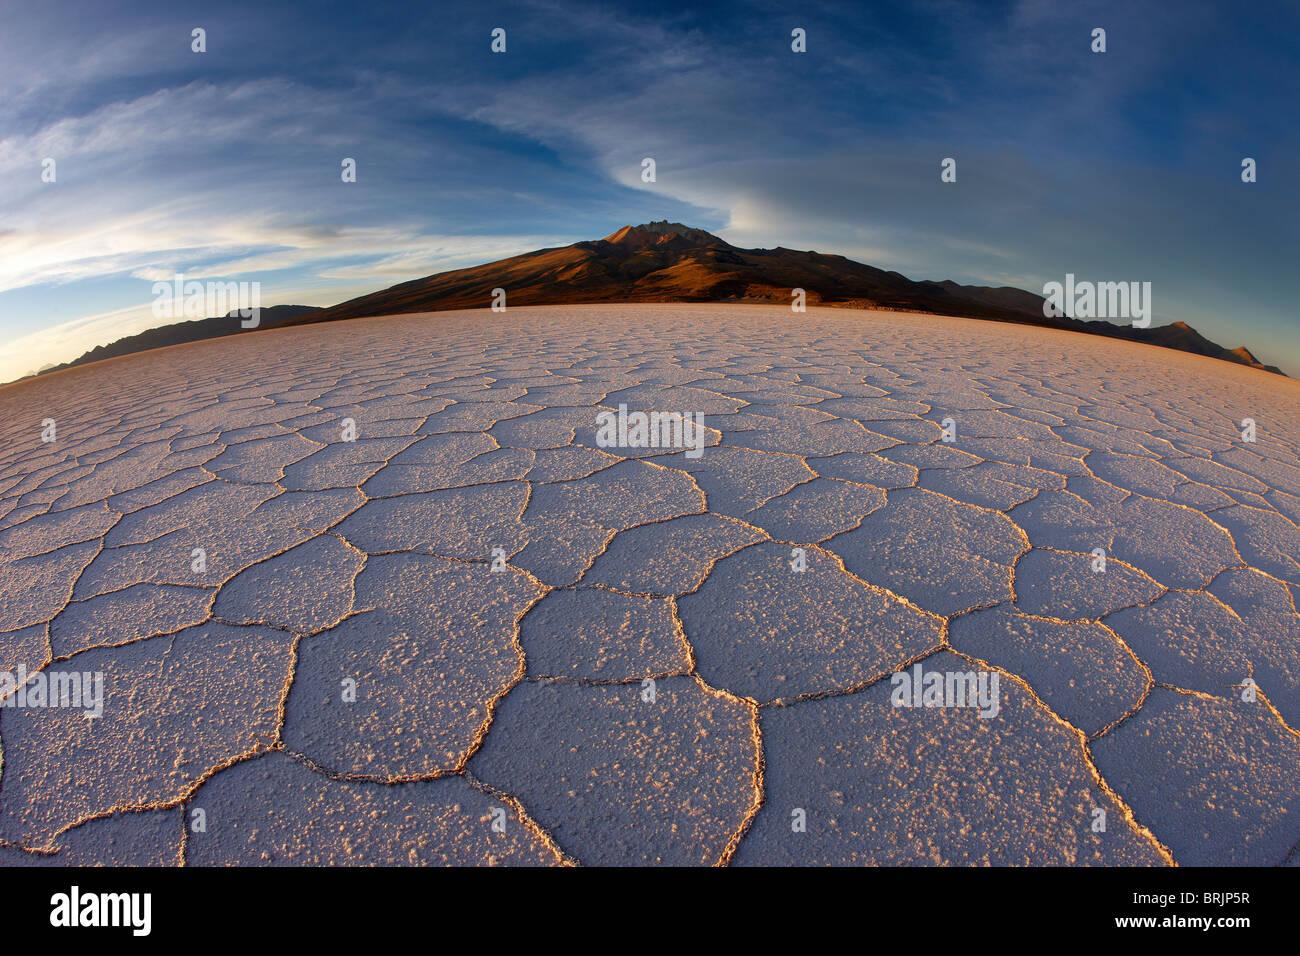 the Salar de Uyuni, Bolivia - Stock Image